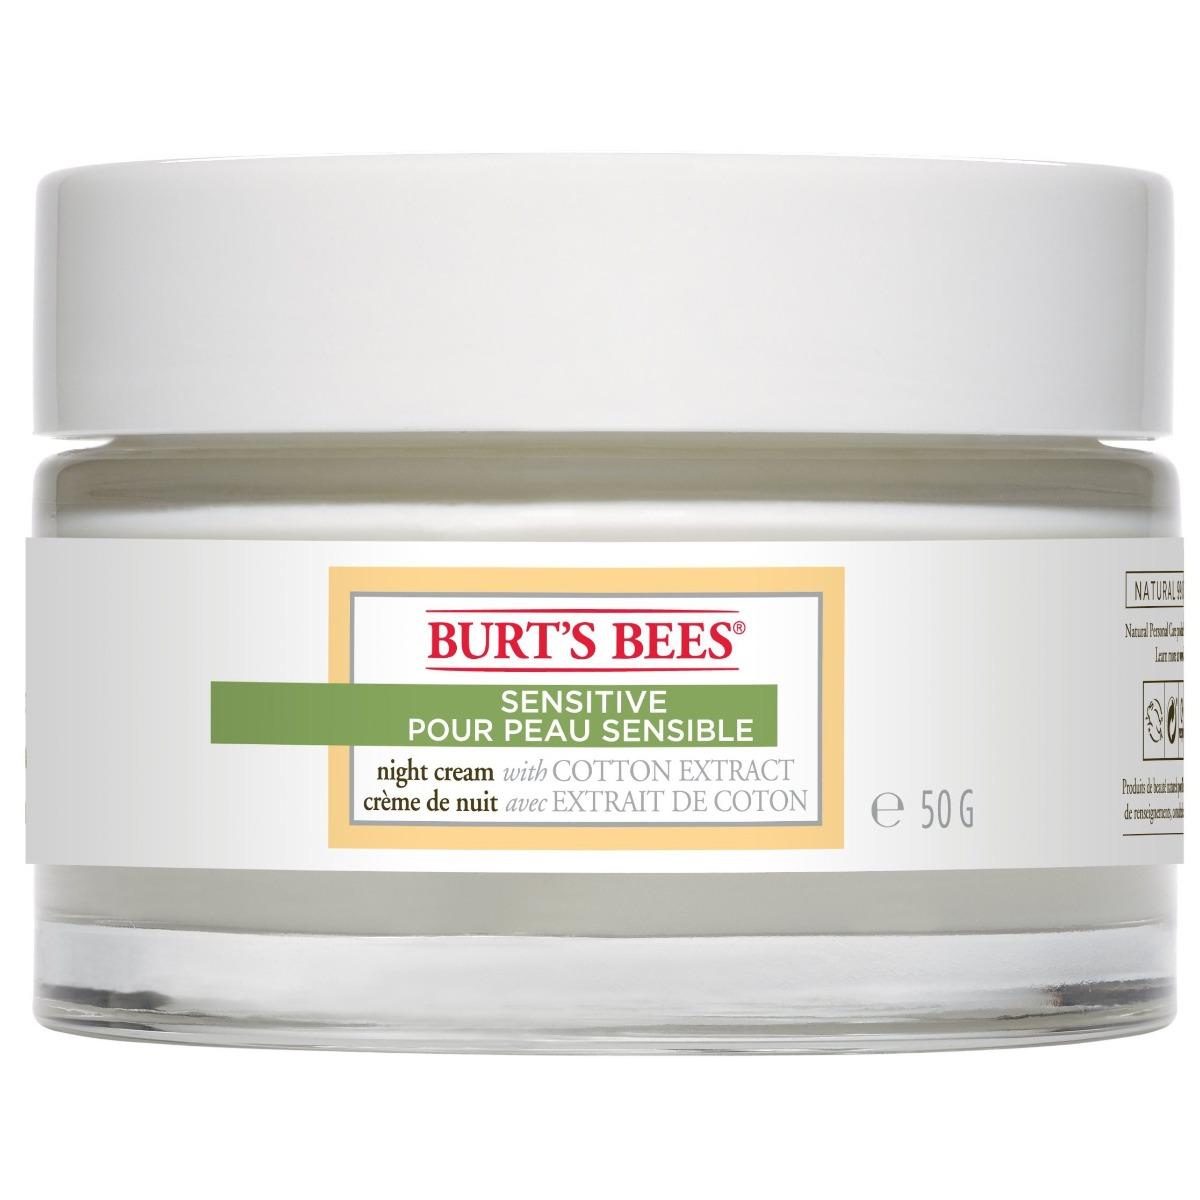 Burt's Bees Sensitive Skin Night Cream 50g